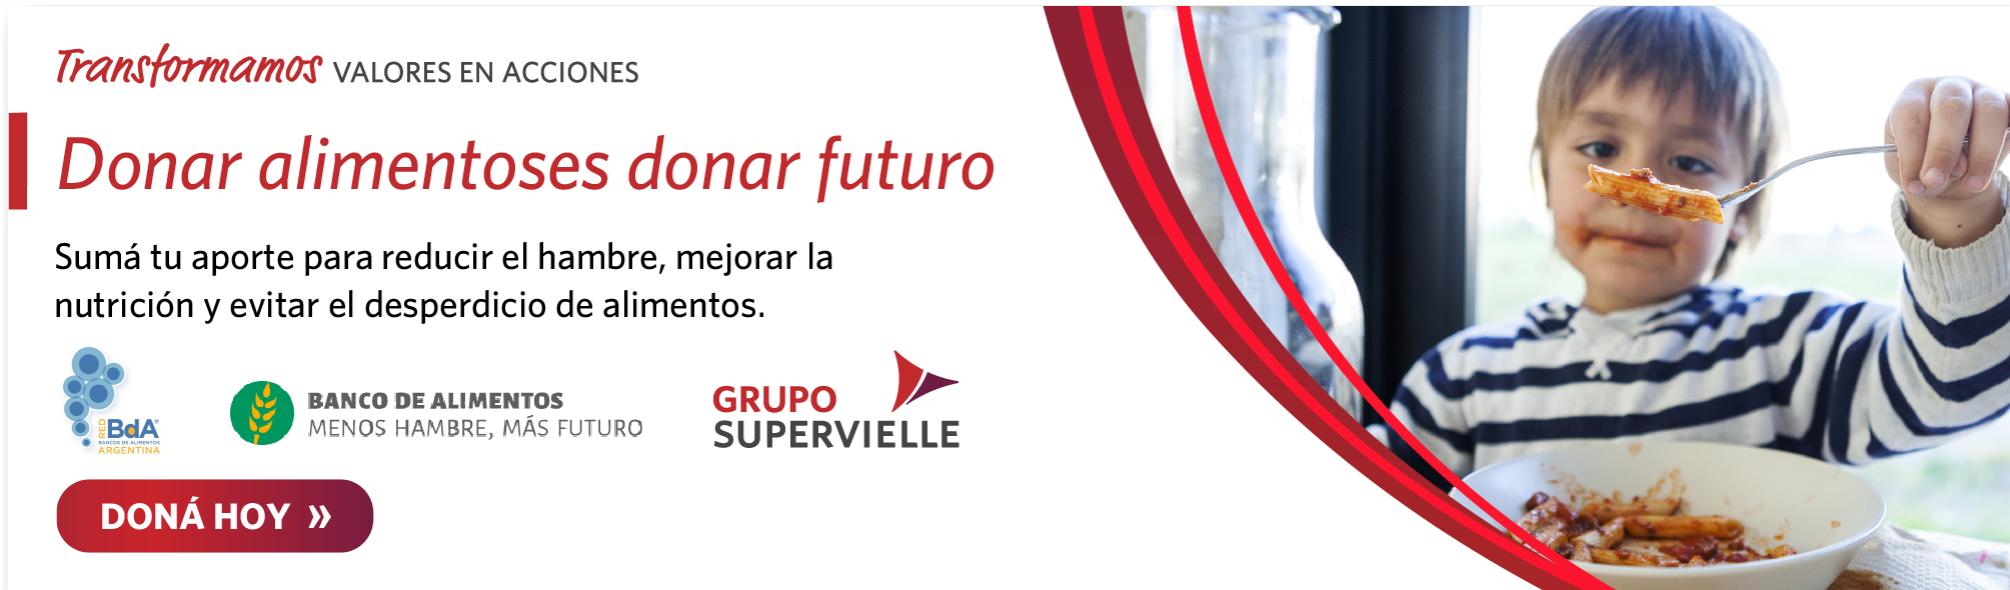 Banco supervielle 2018